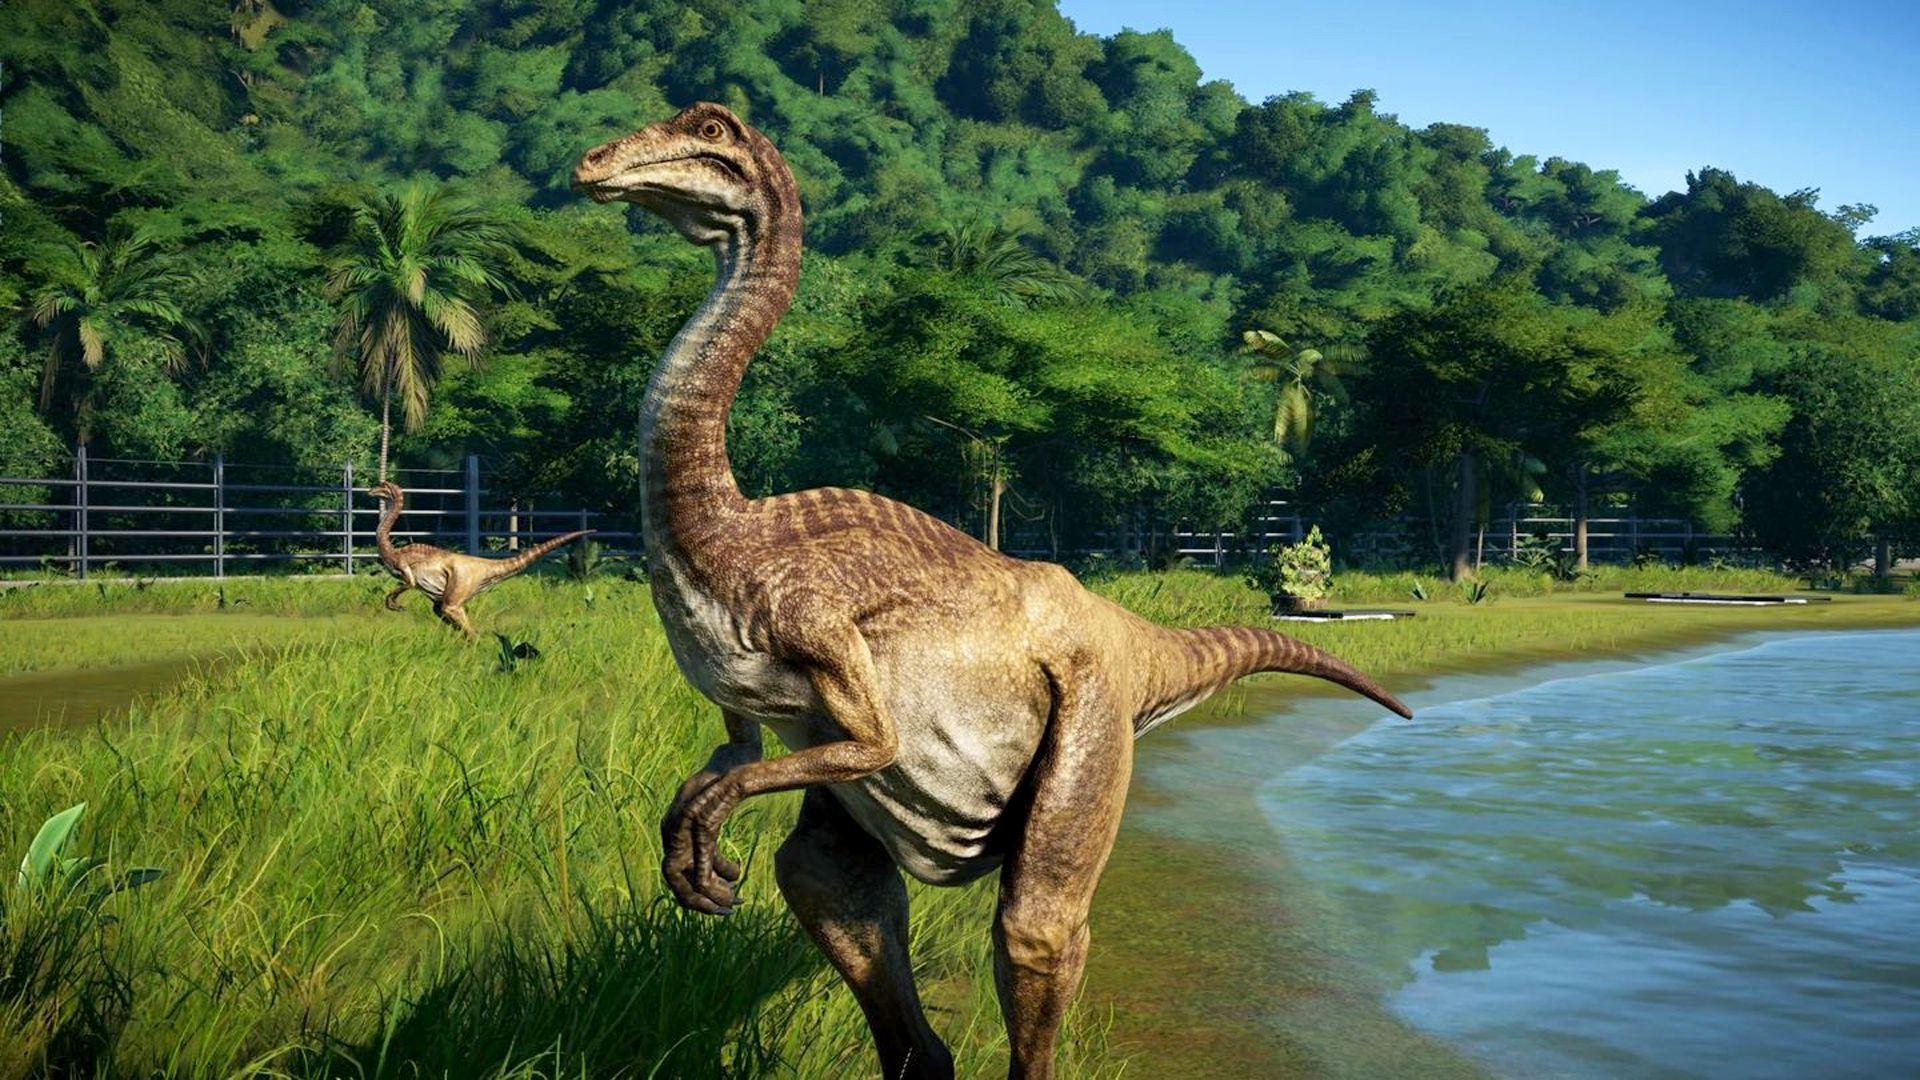 5 Great Dinosaur Video Games That Work Offline in 2020